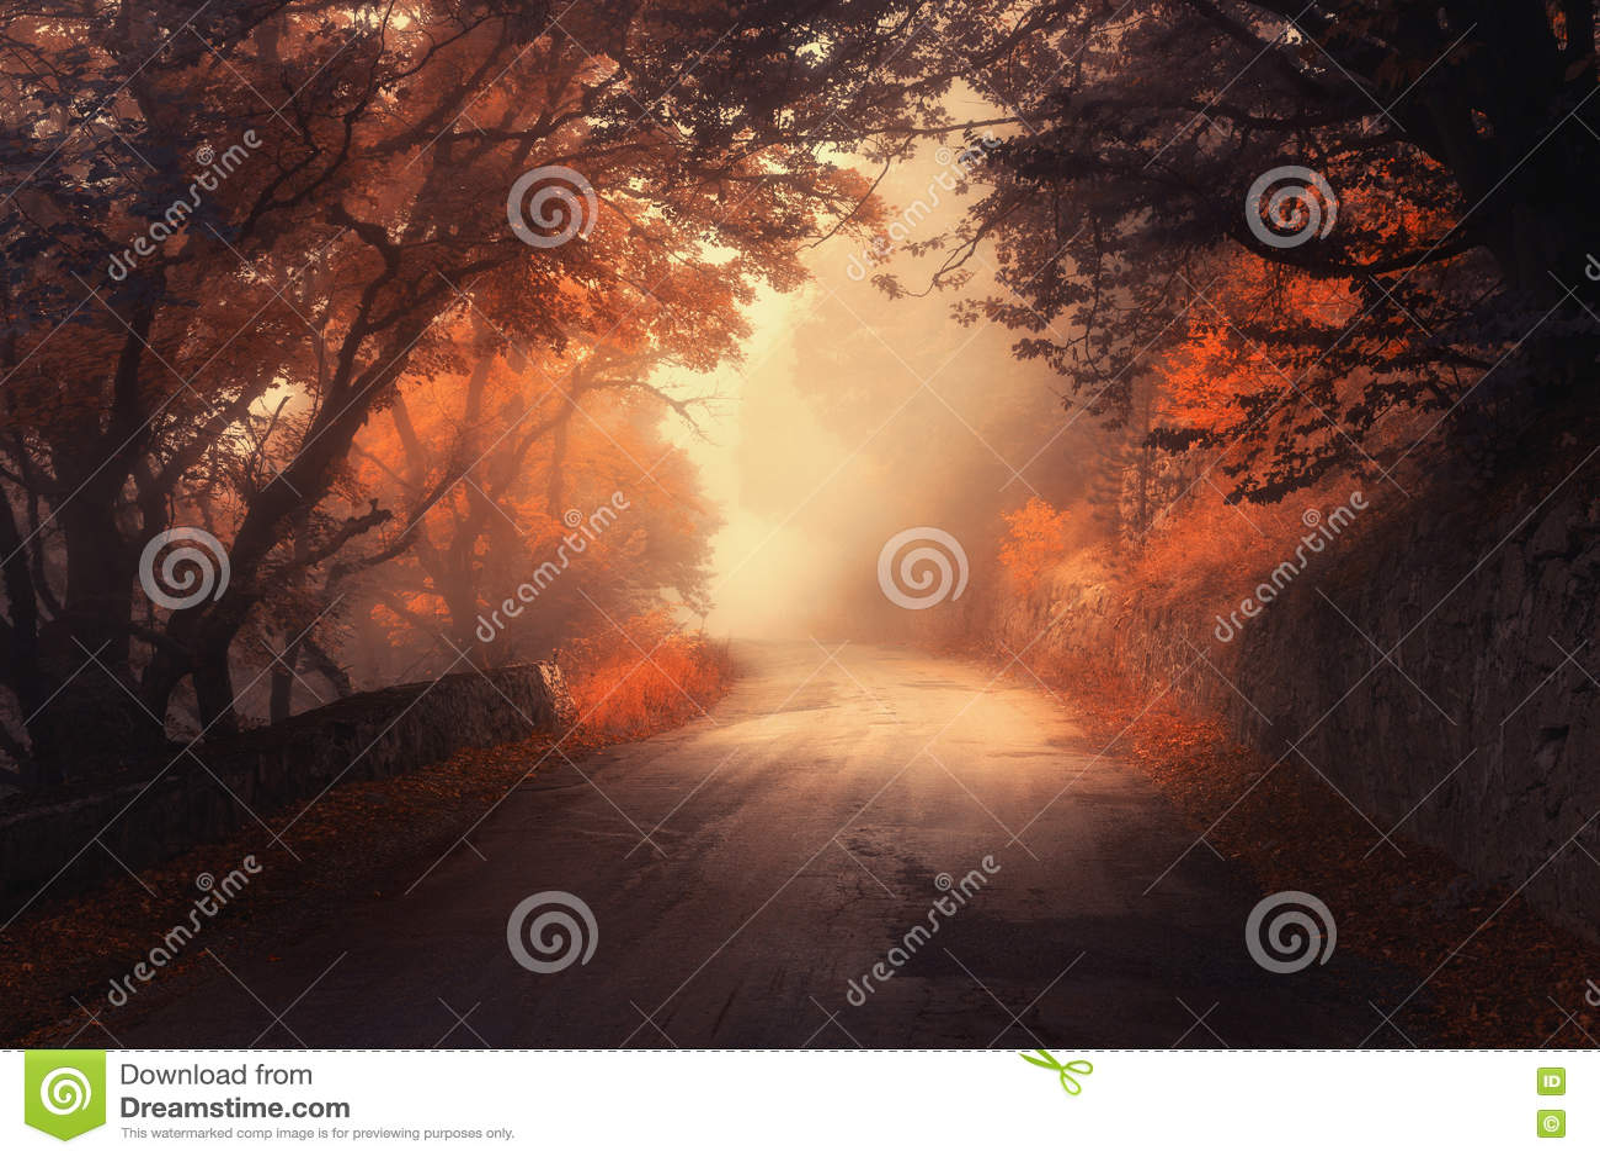 Roter Wald des mystischen Herbstes mit Straße im Nebel